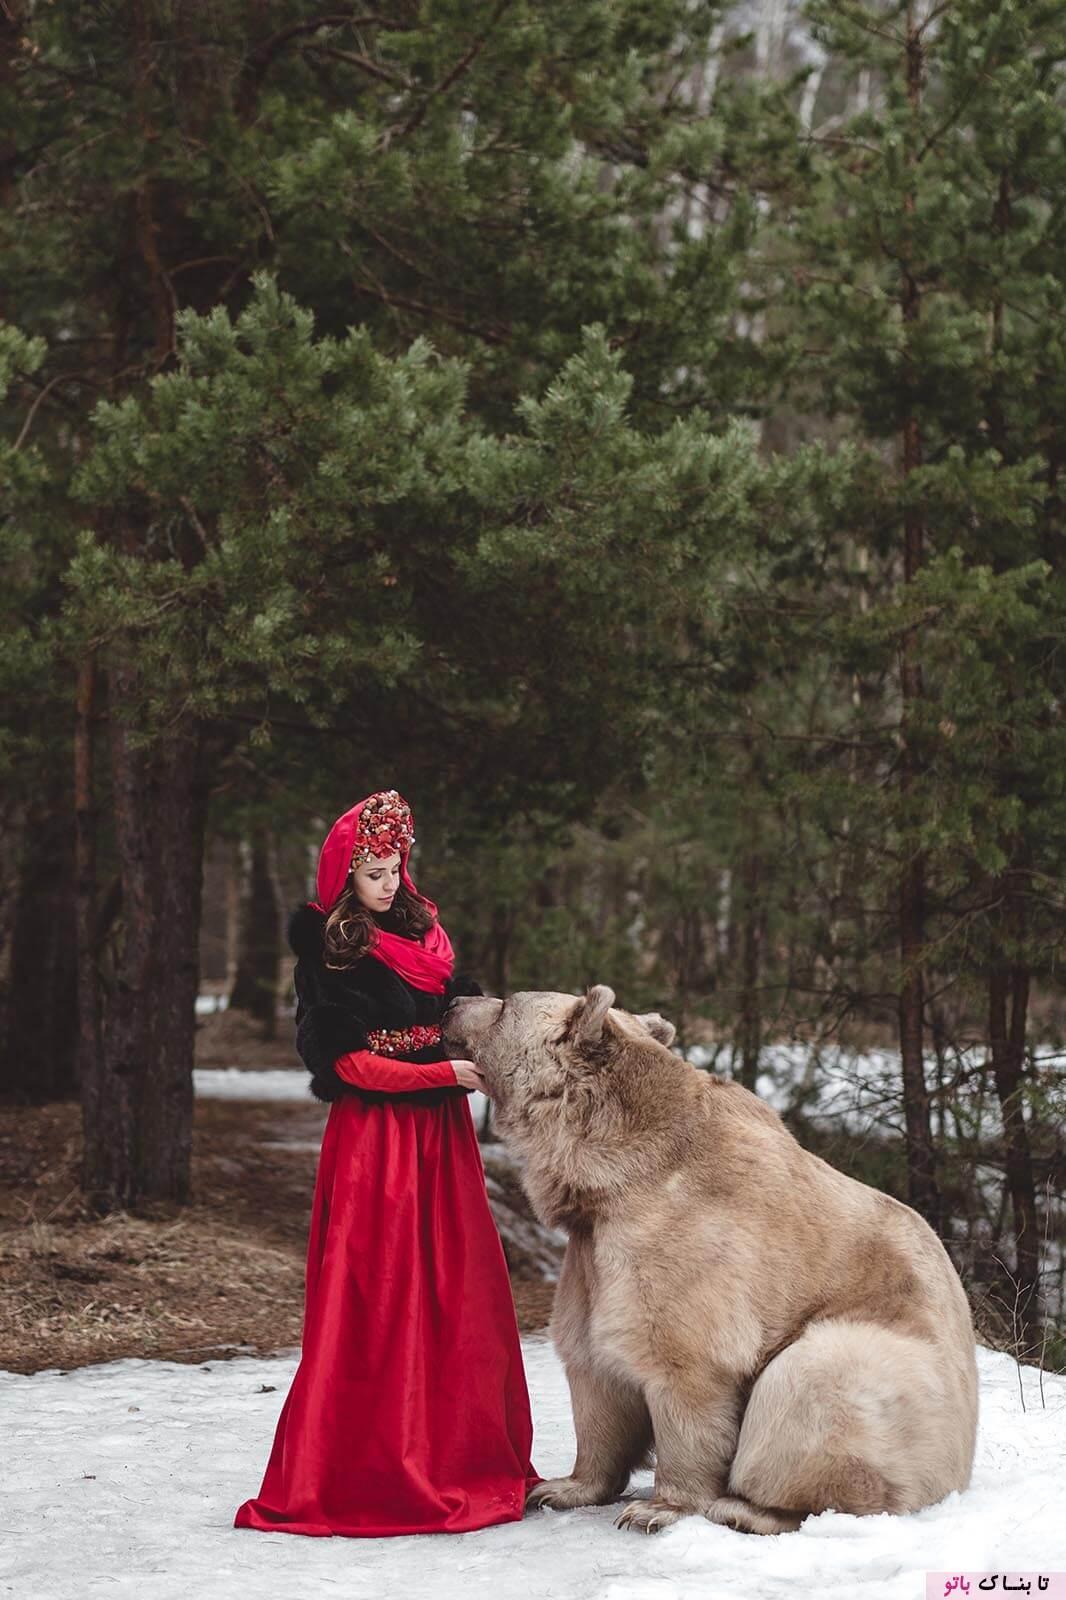 عکس های خیالی در طبیعت سرد روسیه